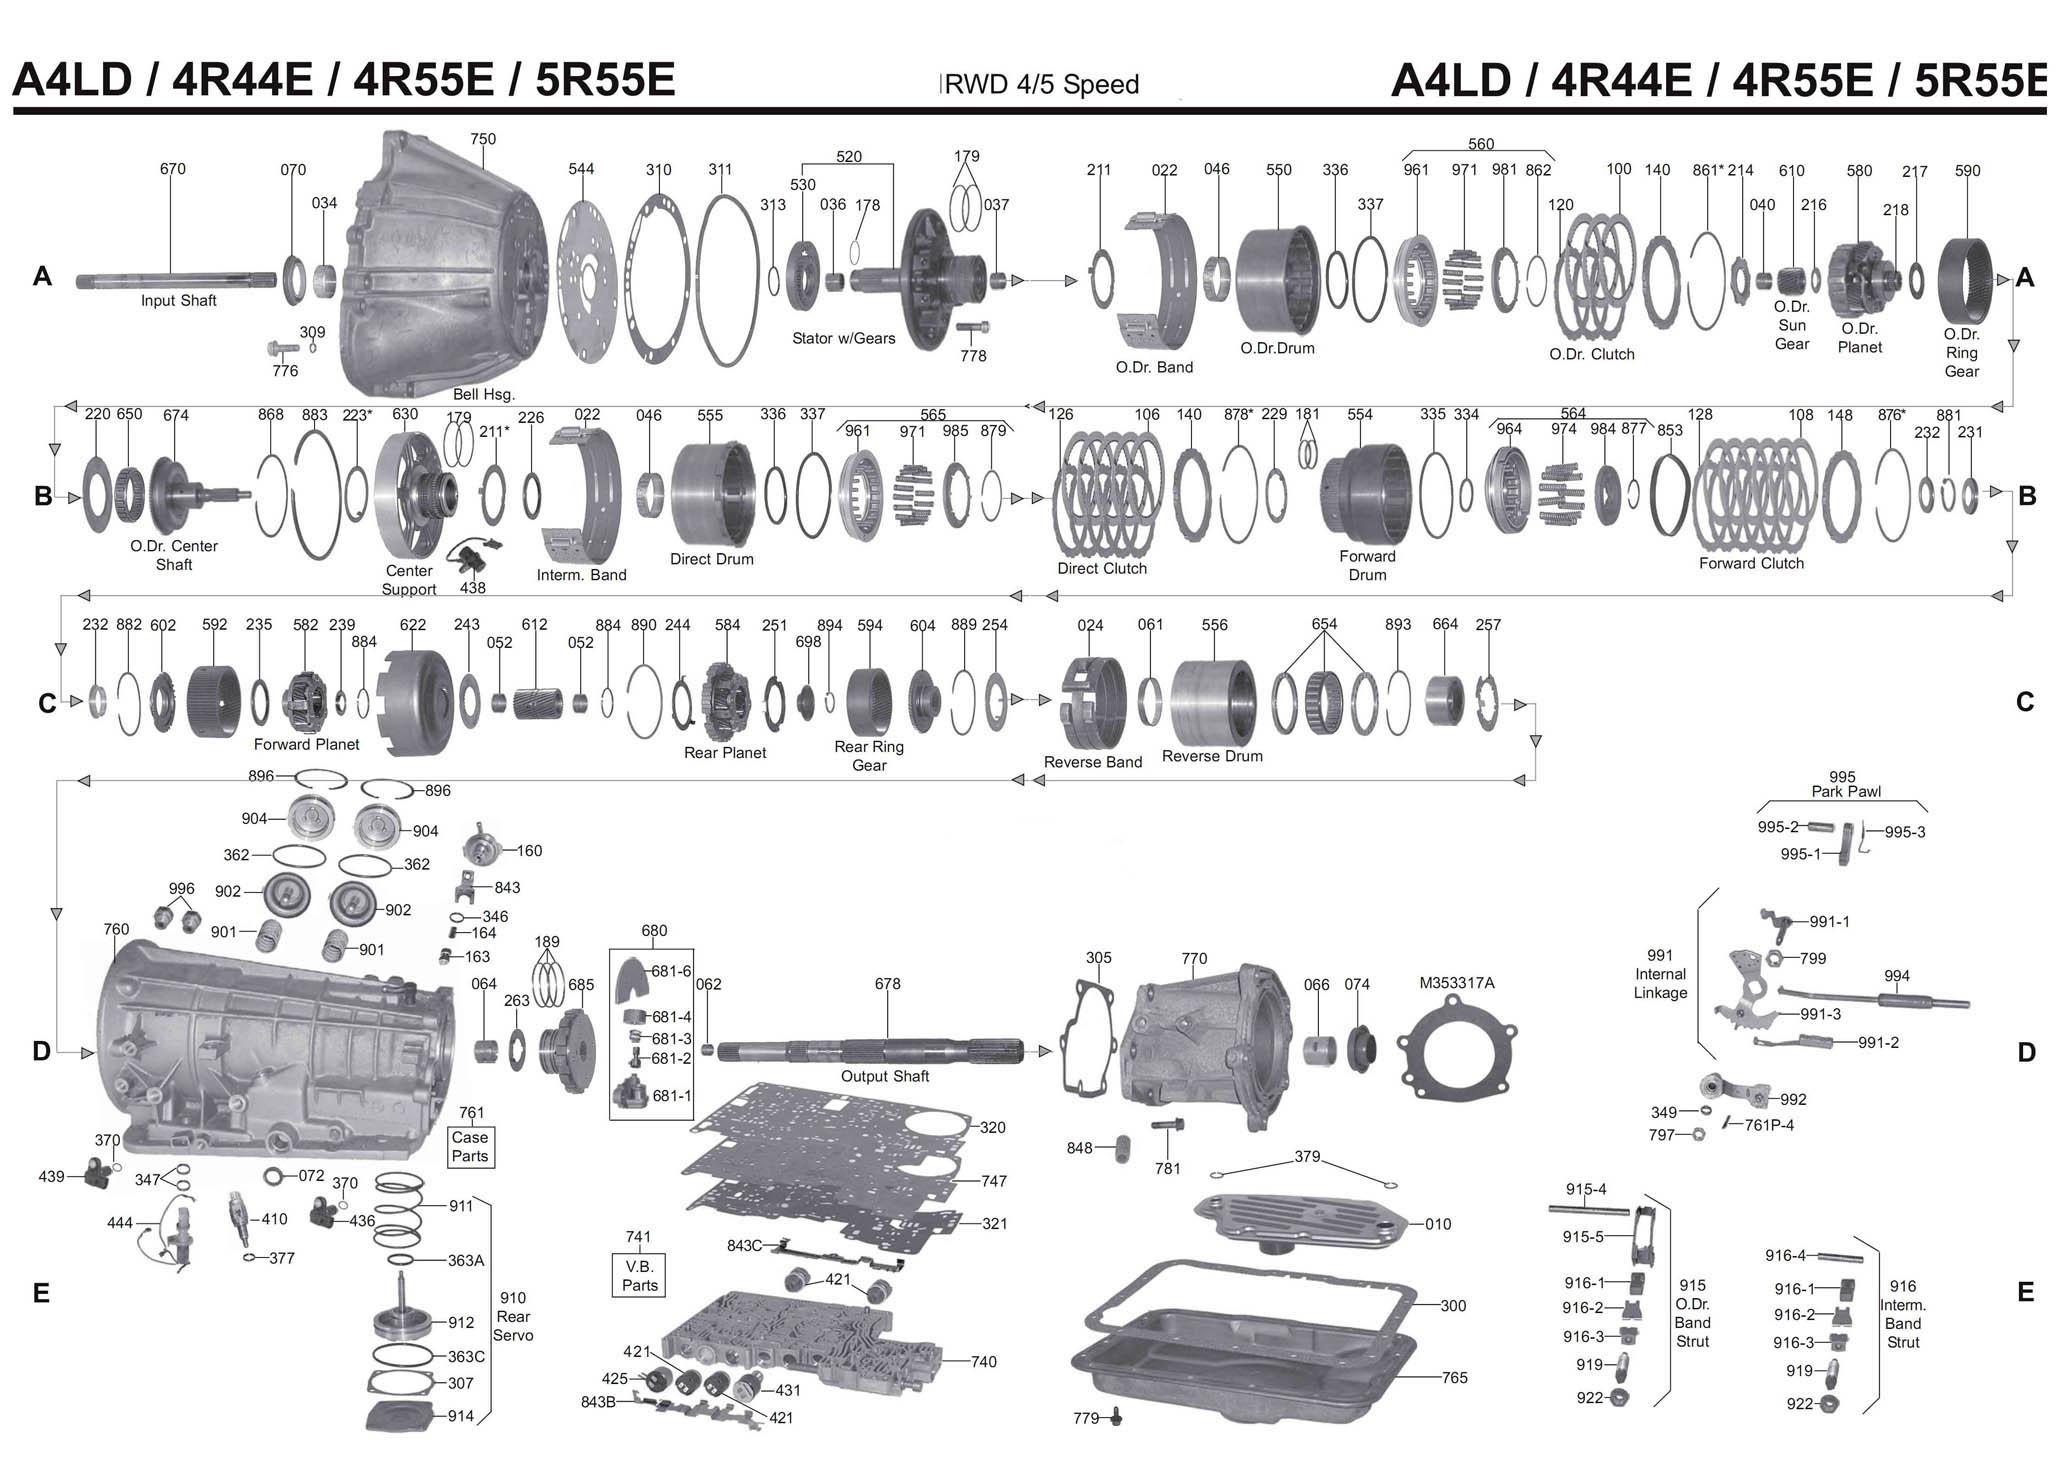 Инструкция По Ремонту Коробки 4R55e